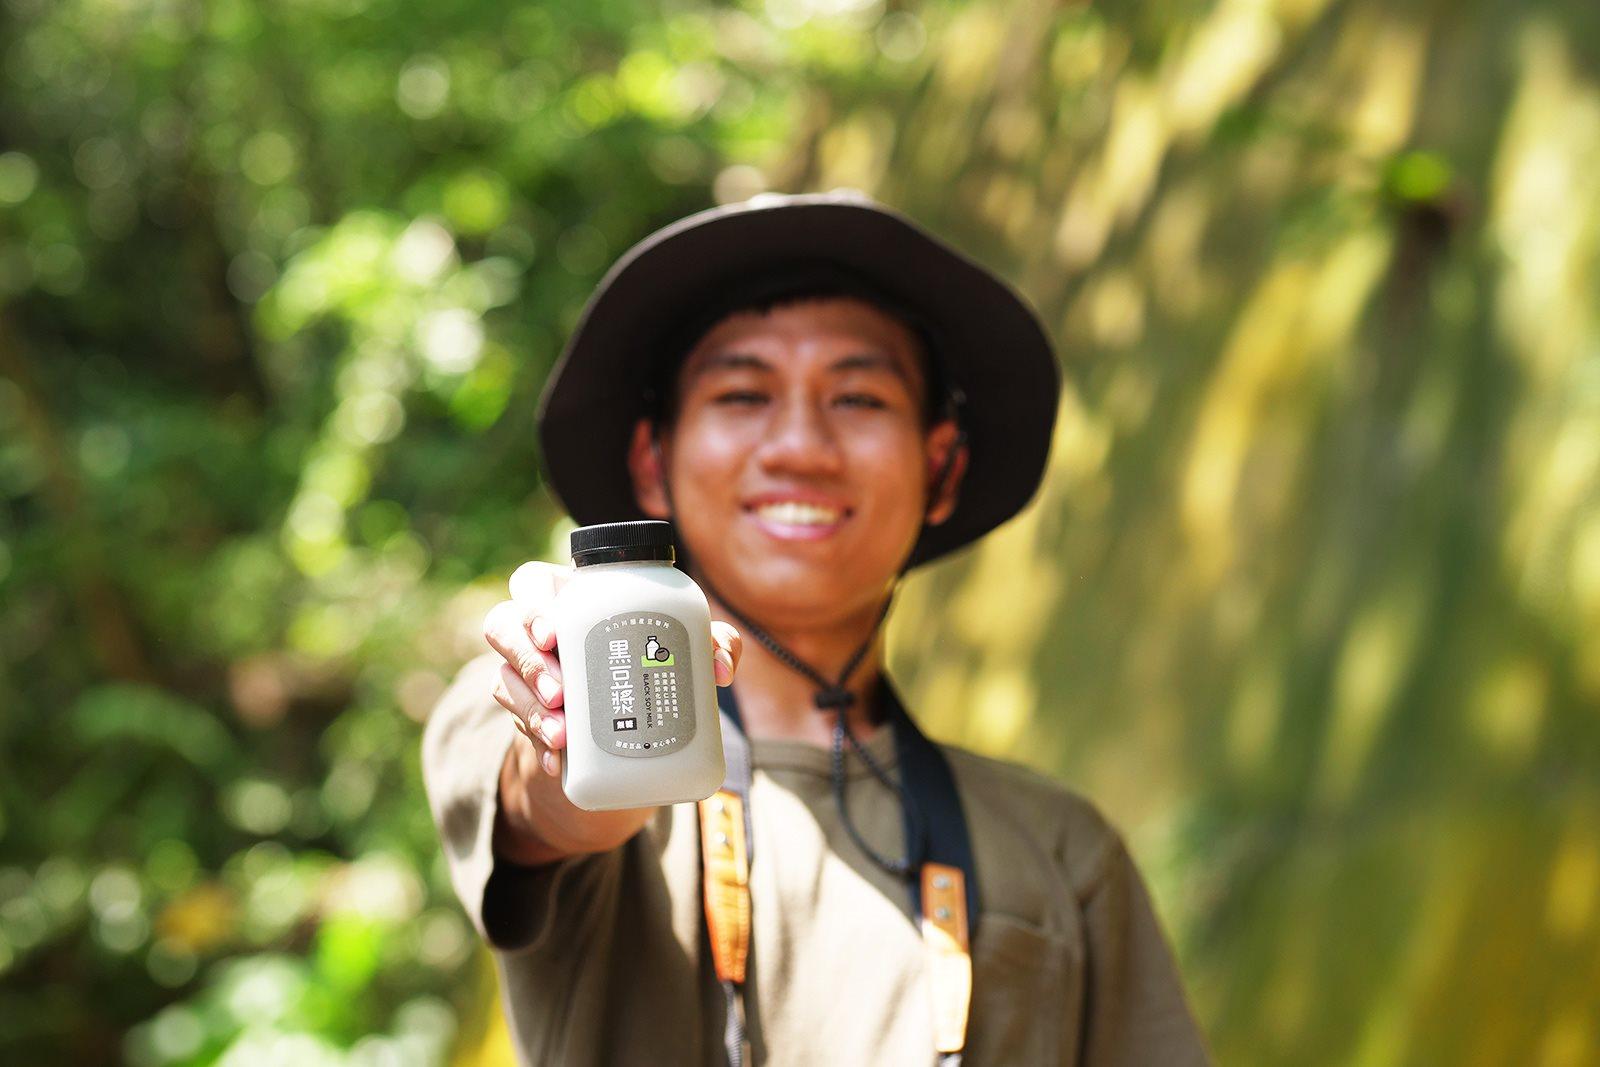 露營早餐準備禾乃川豆漿!為您準備上山需要的營養糧食,營養滿分又方便攜帶